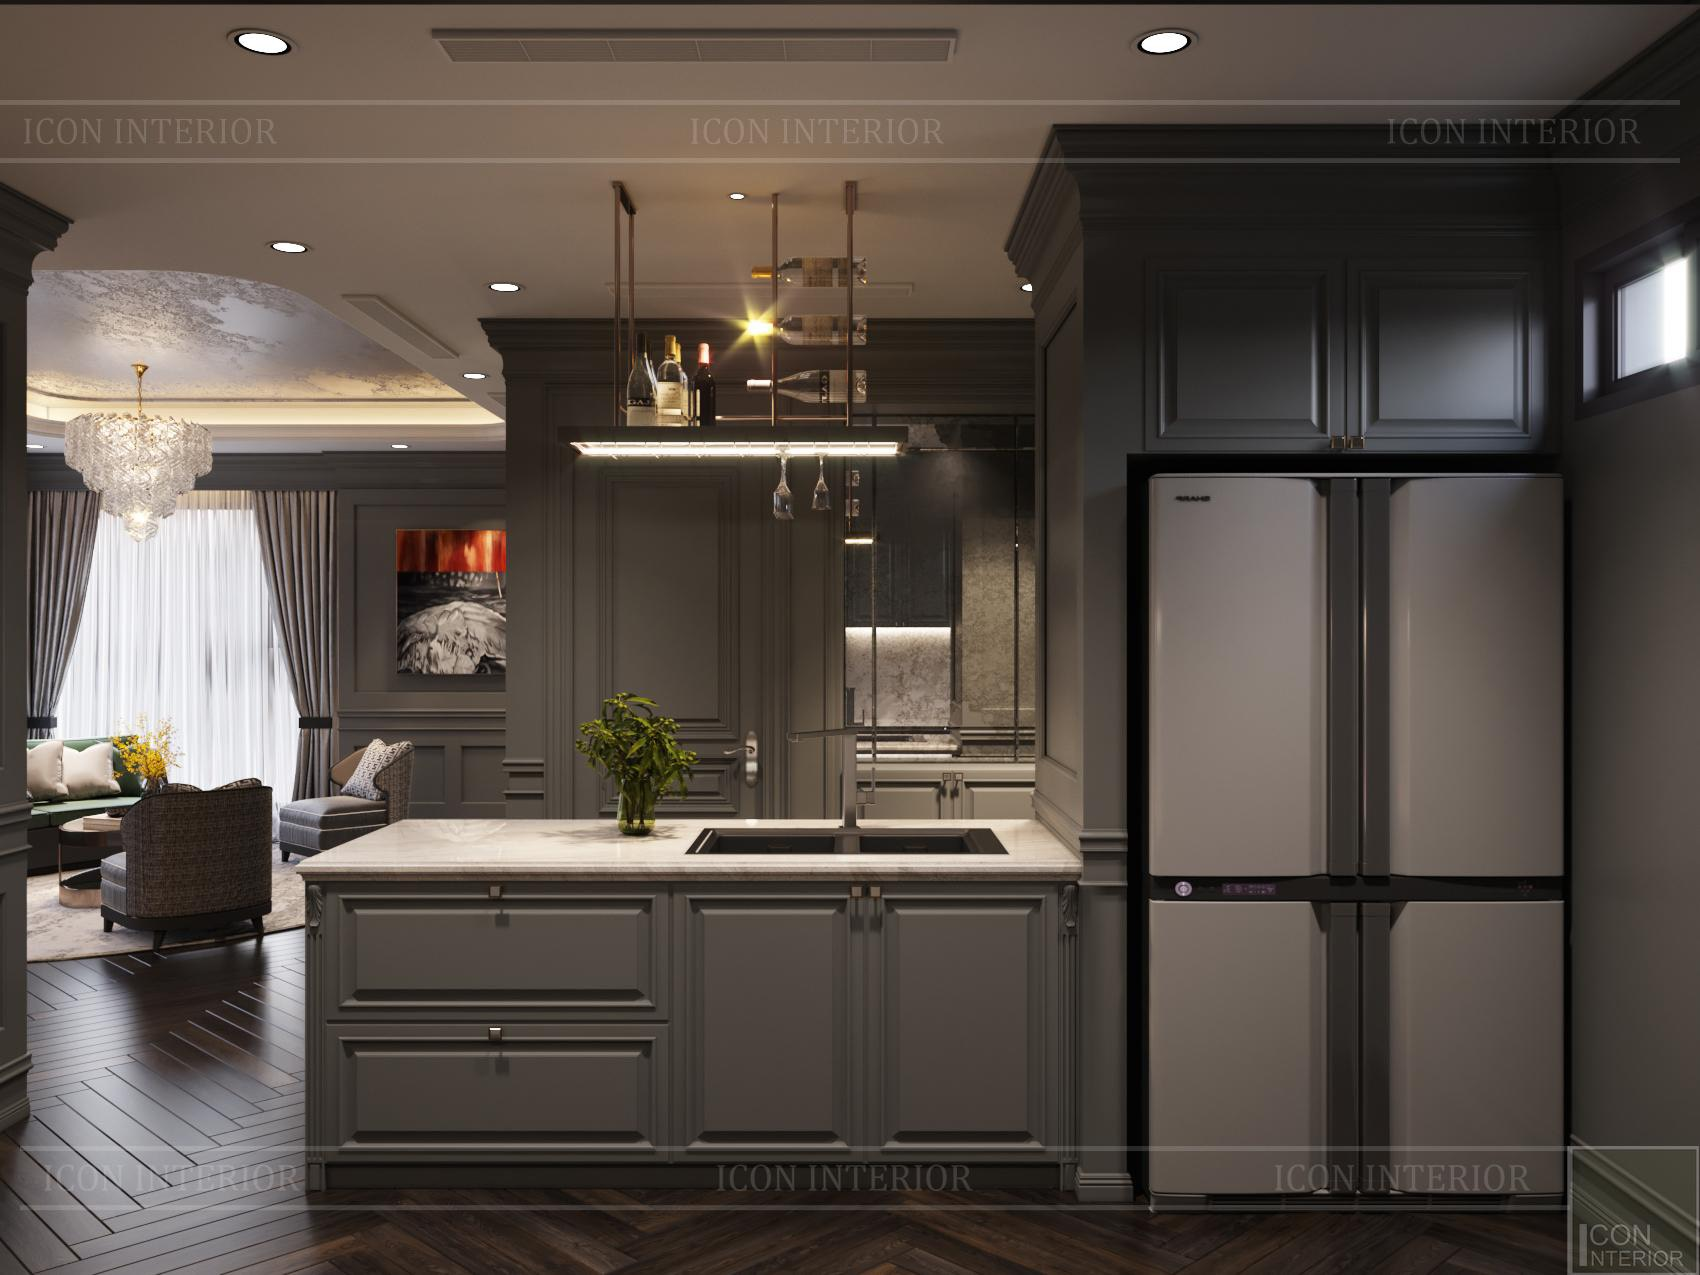 Thiết kế căn hộ 100m2 Kingdom 101 phòng khách bếp